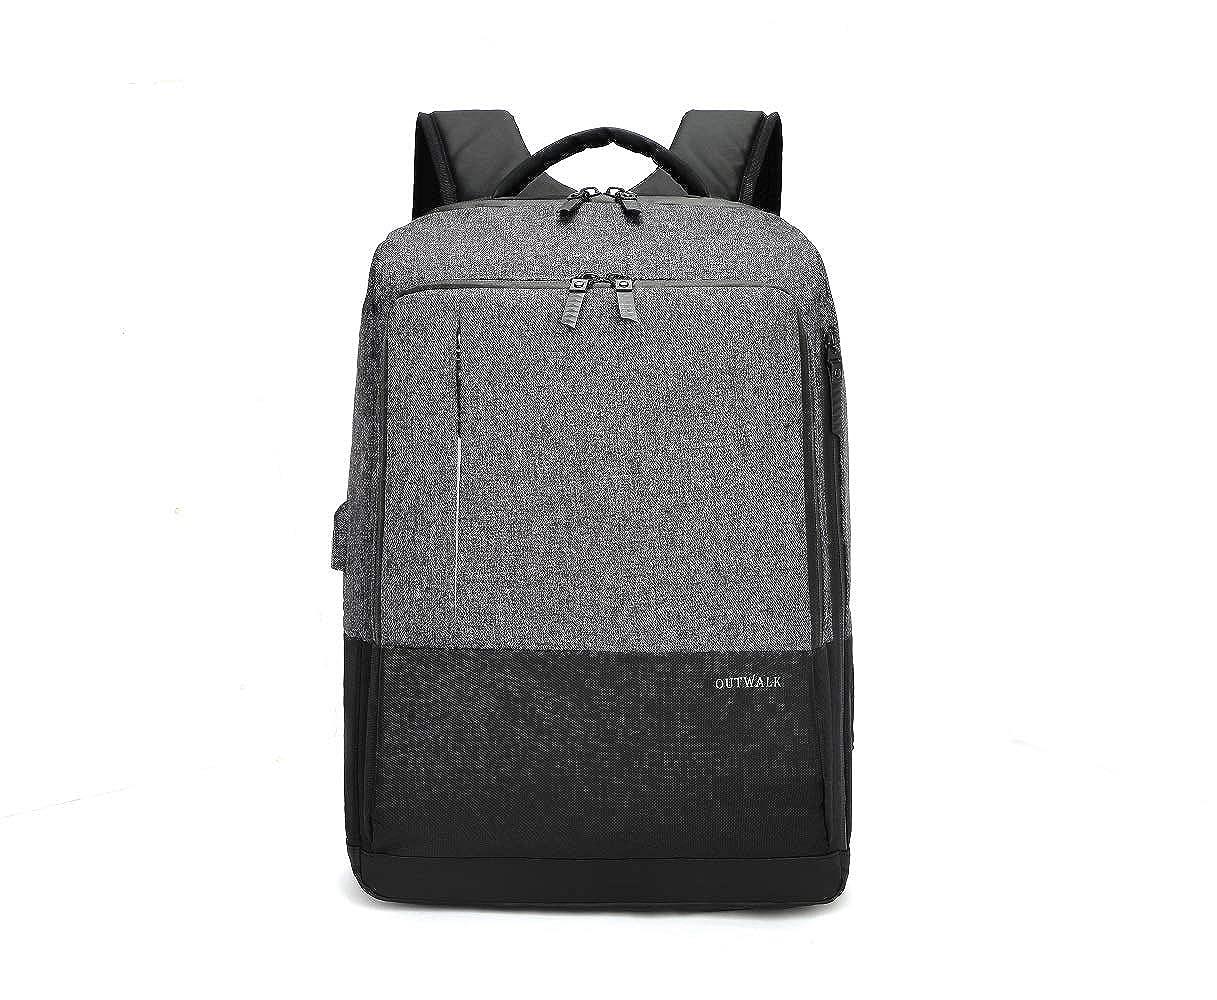 高耐久 ビジネス 旅行用バックパック 男女兼用 USB充電ポート付き 11.81*7.09*17.72inches グレー MLBW001 B07KY6Z3TK グレー